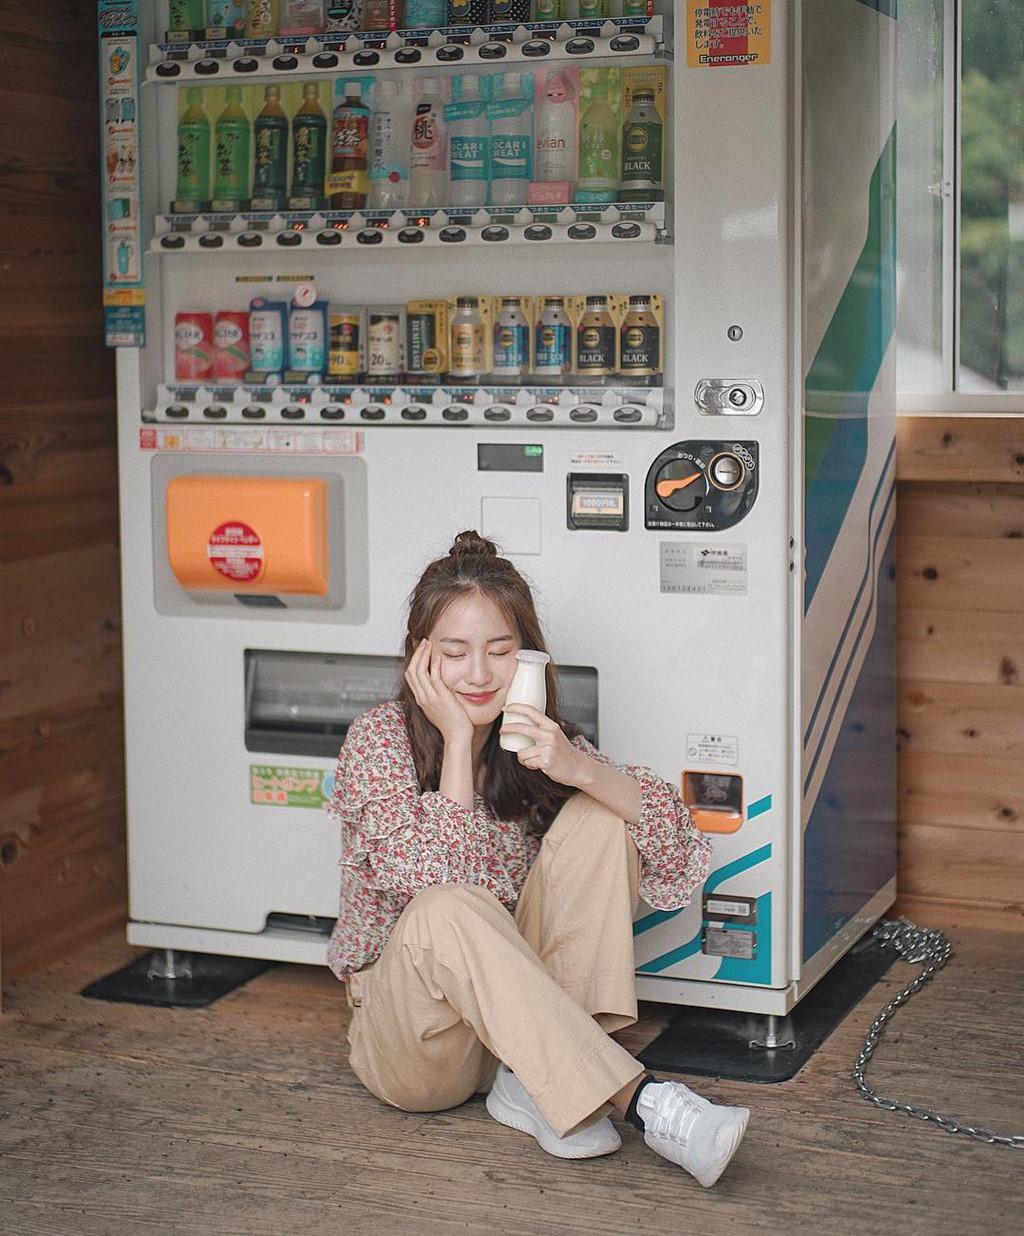 Pimtha thường tạo dáng đáng yêu khi chụp ảnh trong cửa hàng tiện lợi hay trước máy bán nước tự động.